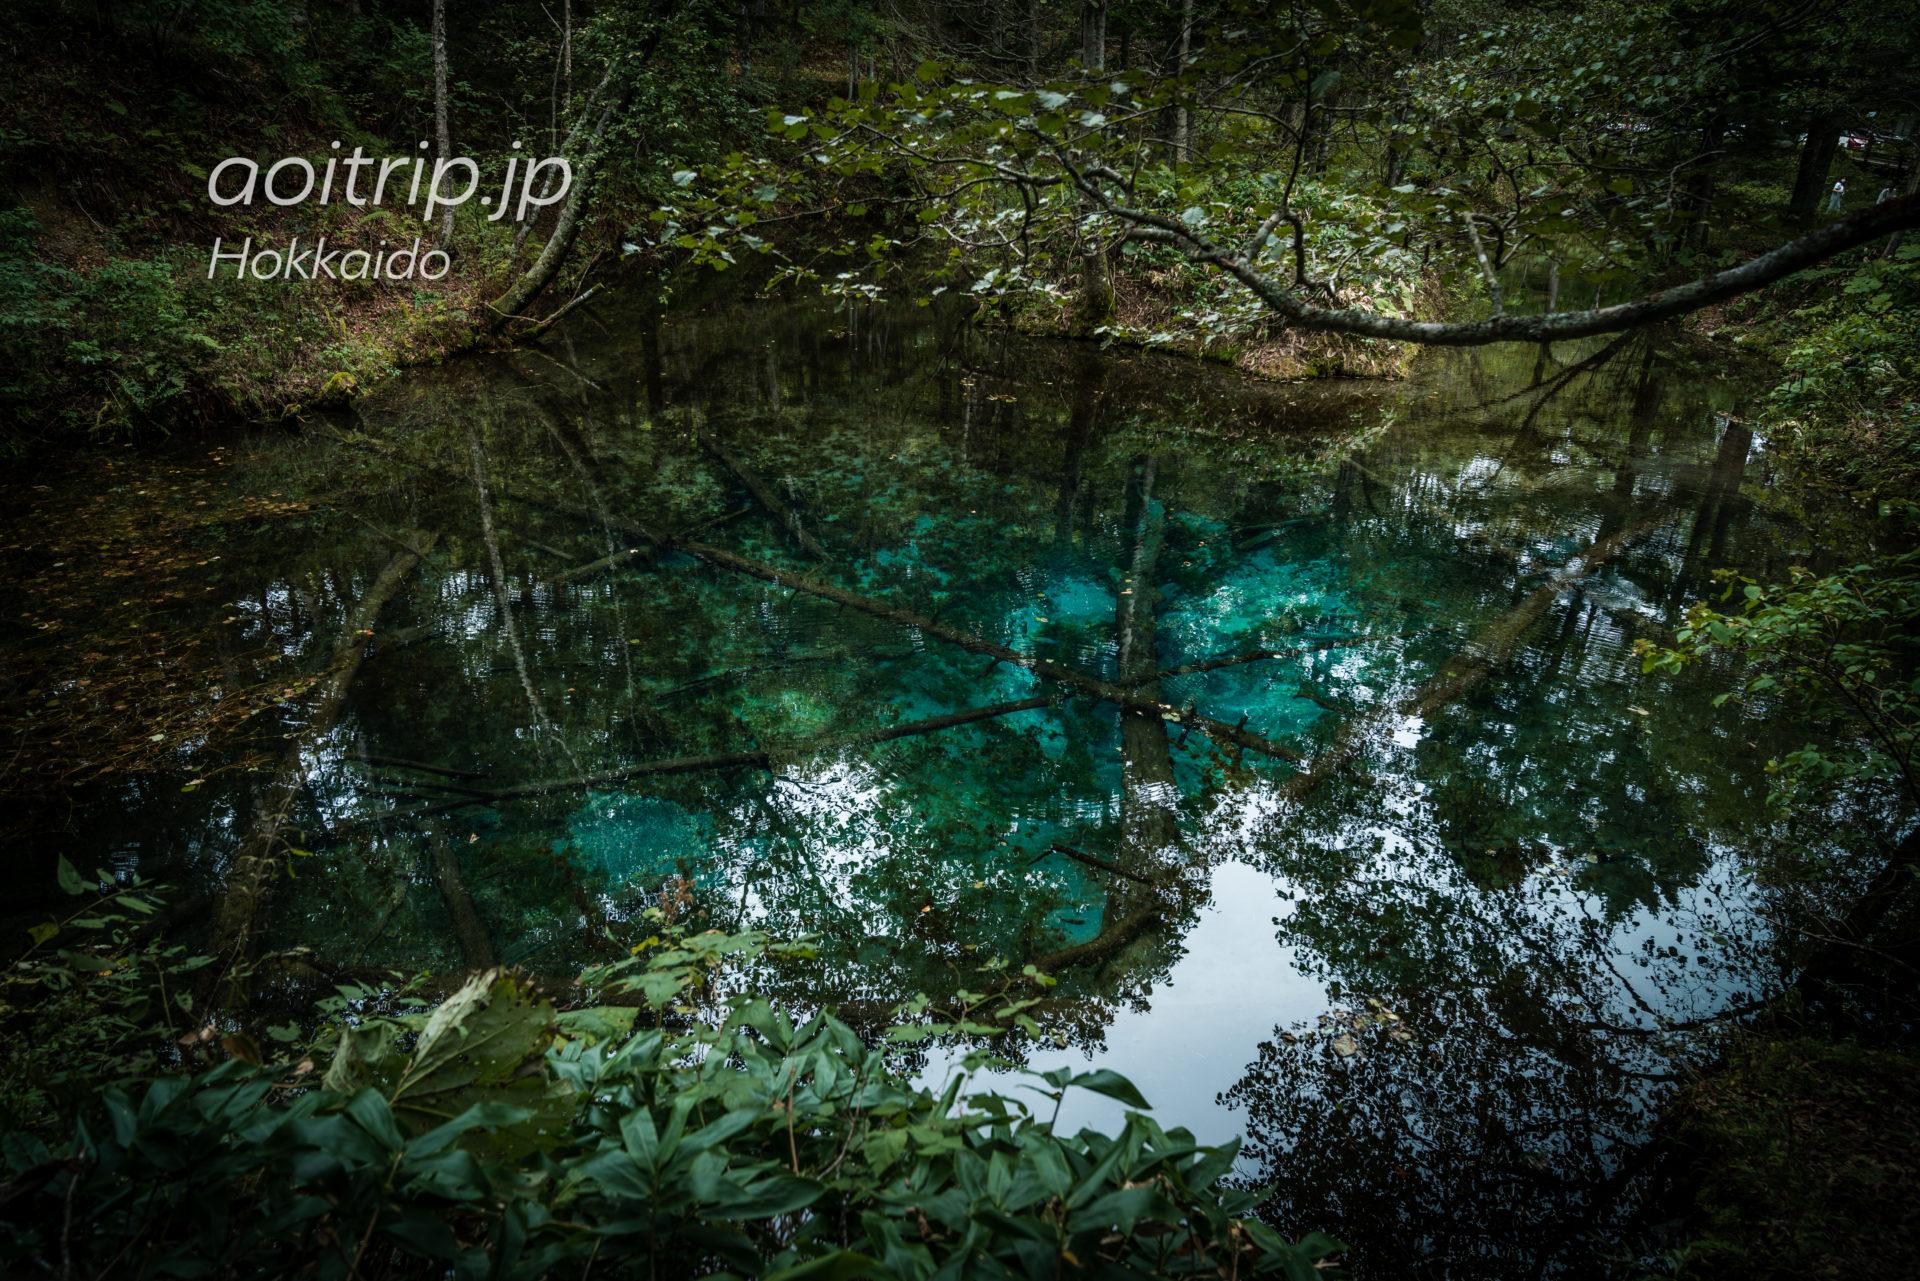 神の子池 Kaminoko Pond